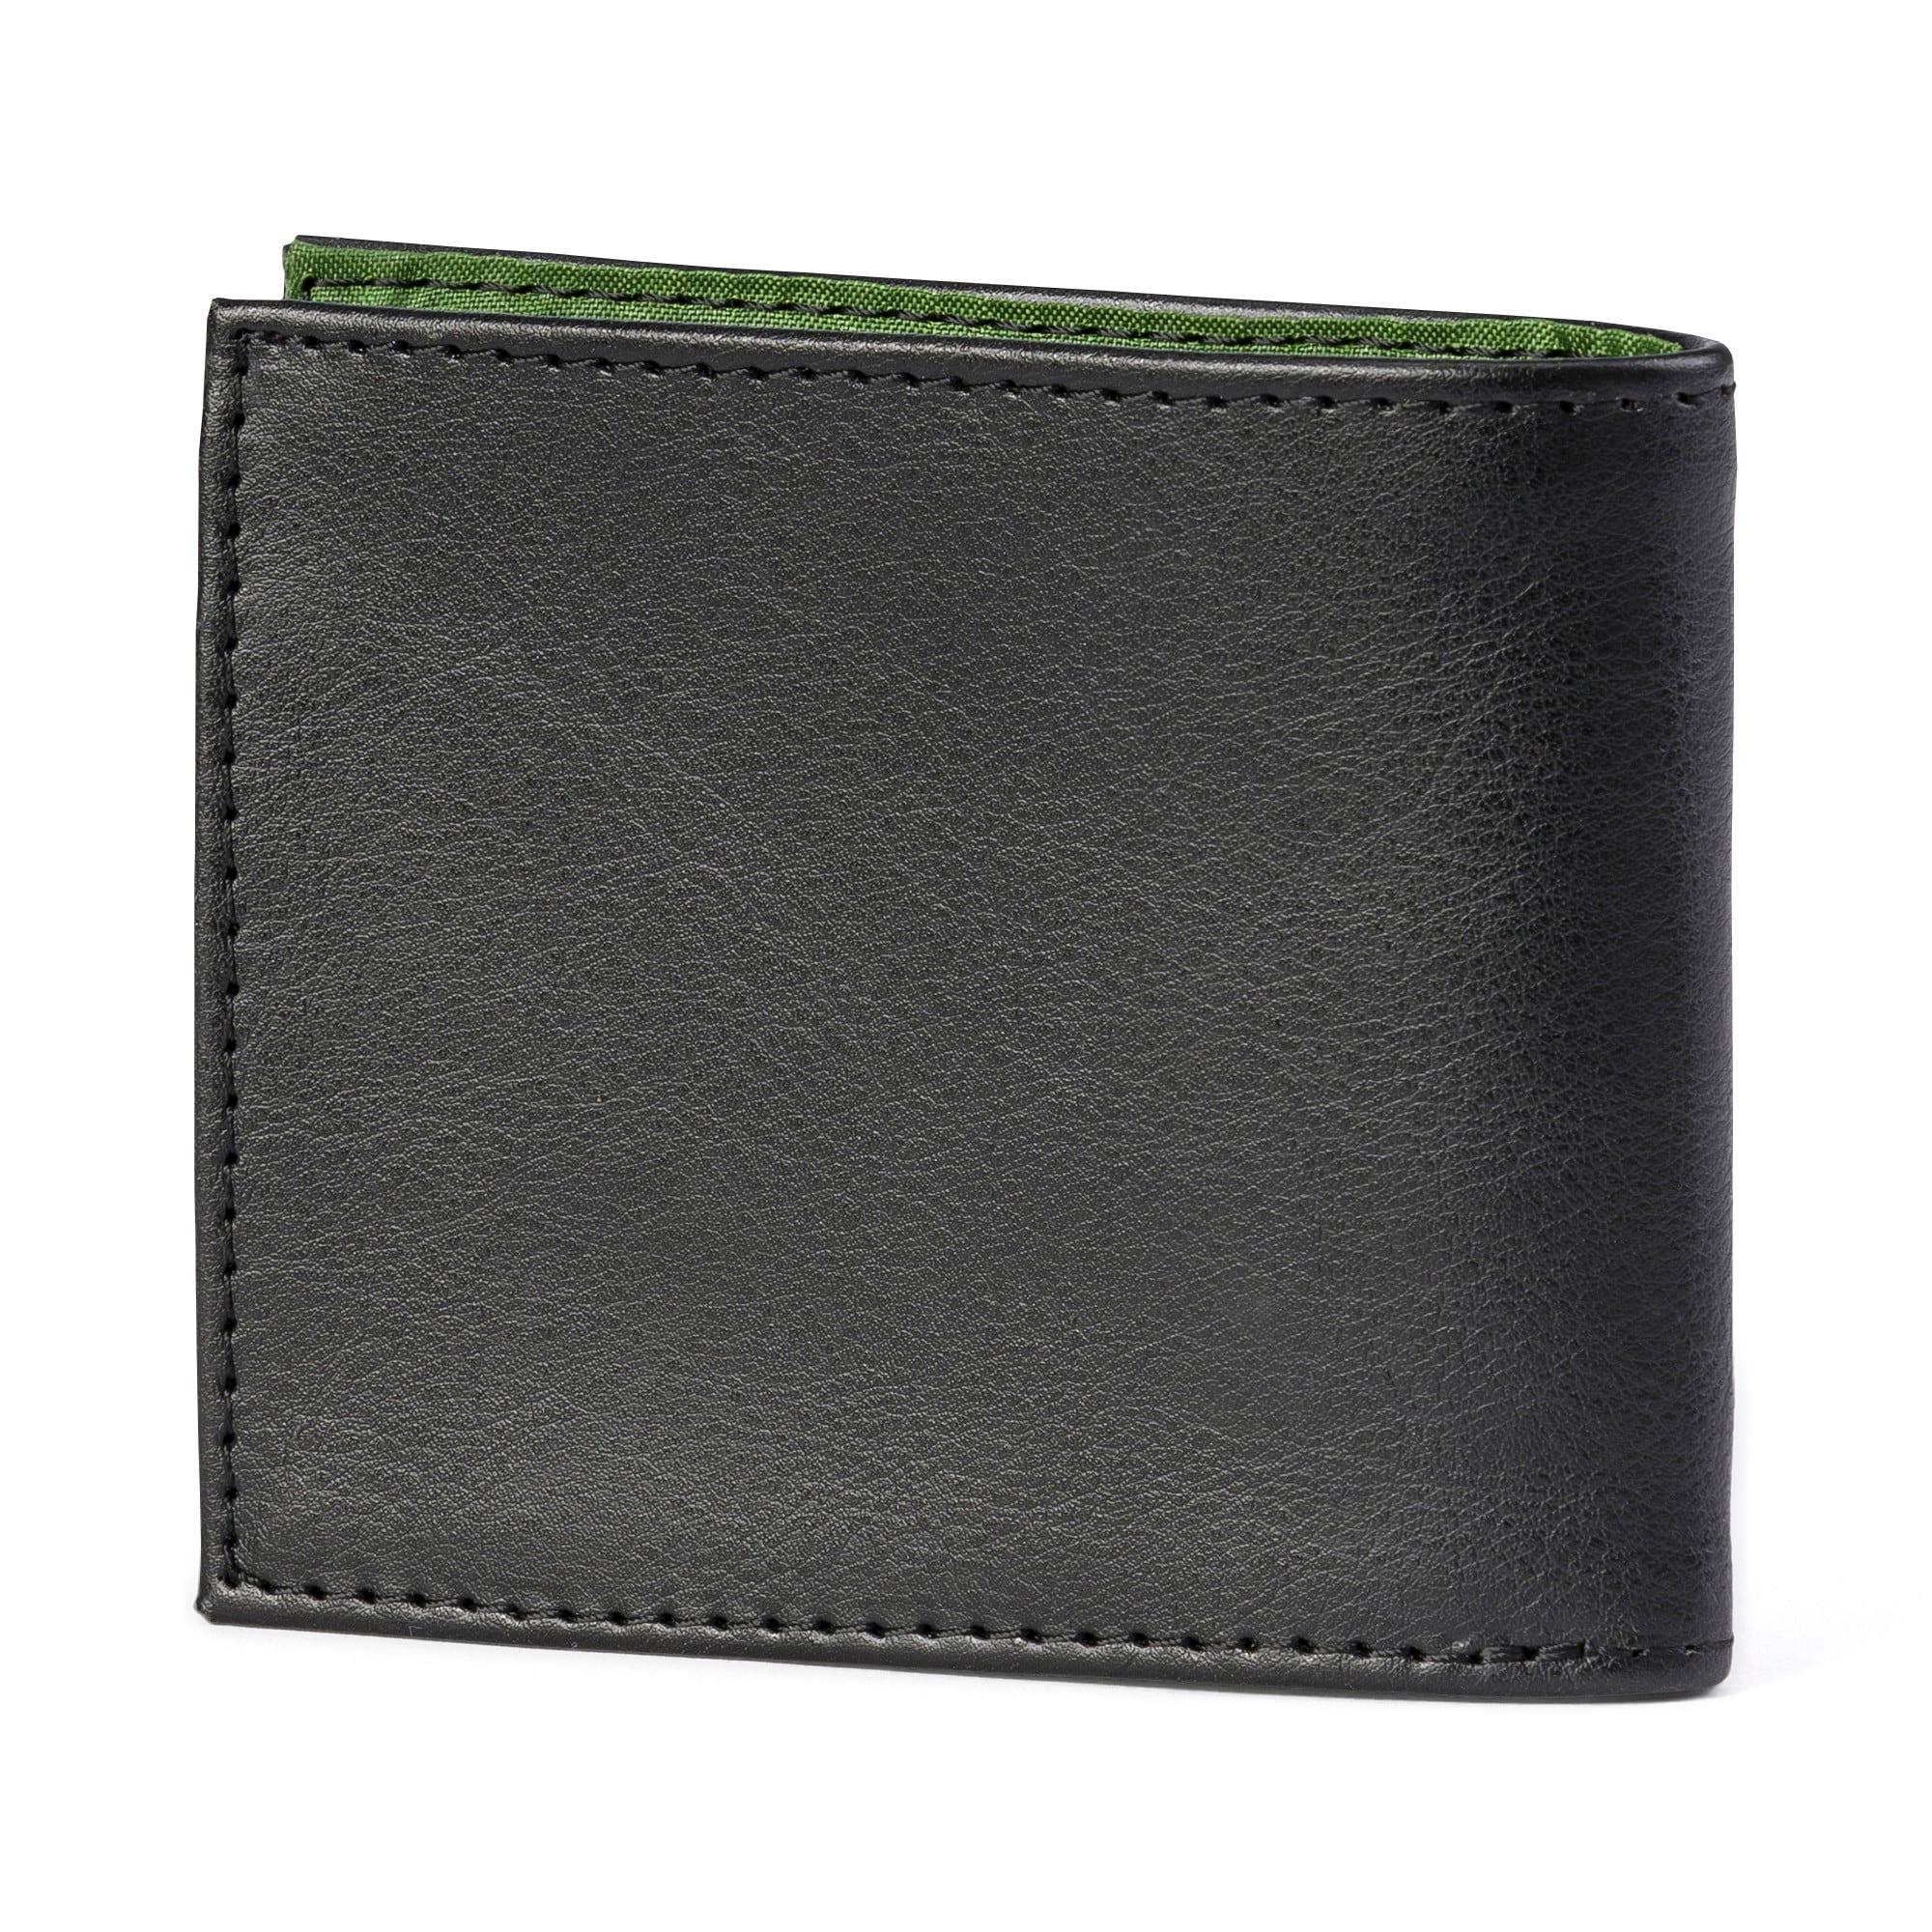 Thumbnail 2 of Originals Retro Wallet, Puma Black, medium